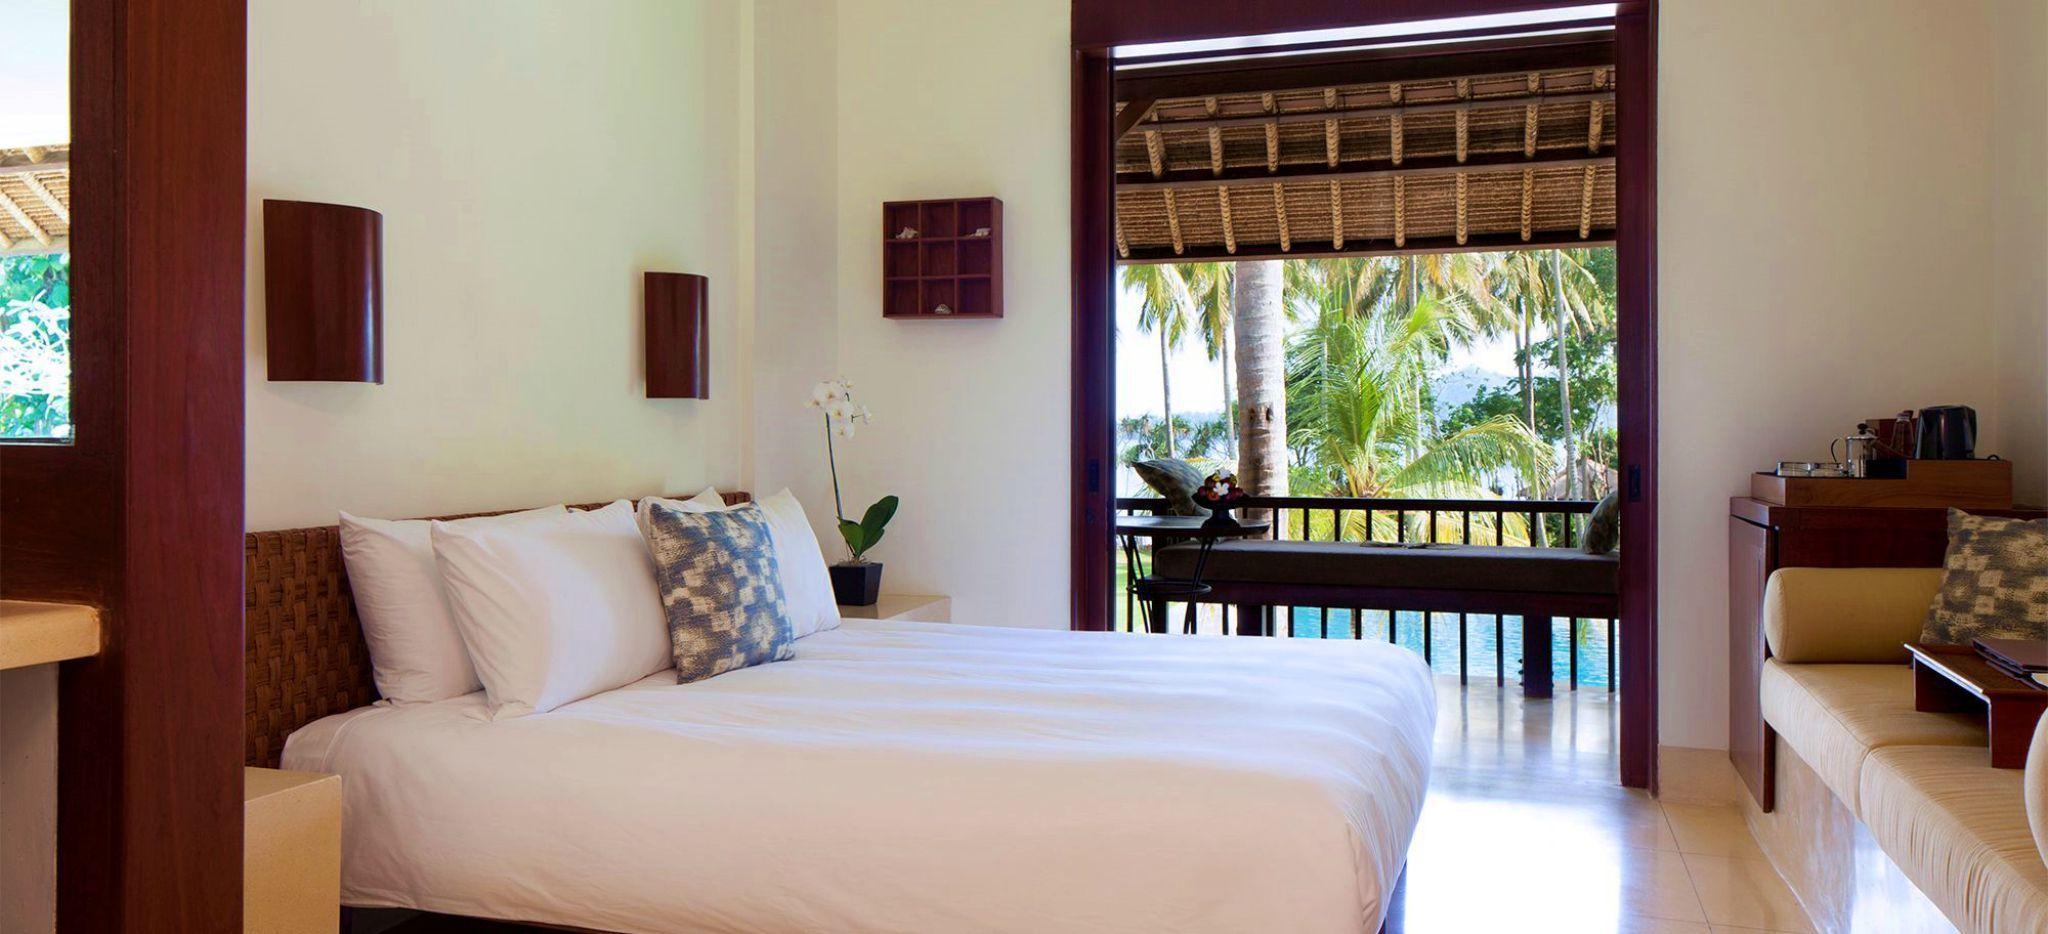 Hotelzimmer mit Blick auf den tropischen Garten, im Hotel Alila Manggis